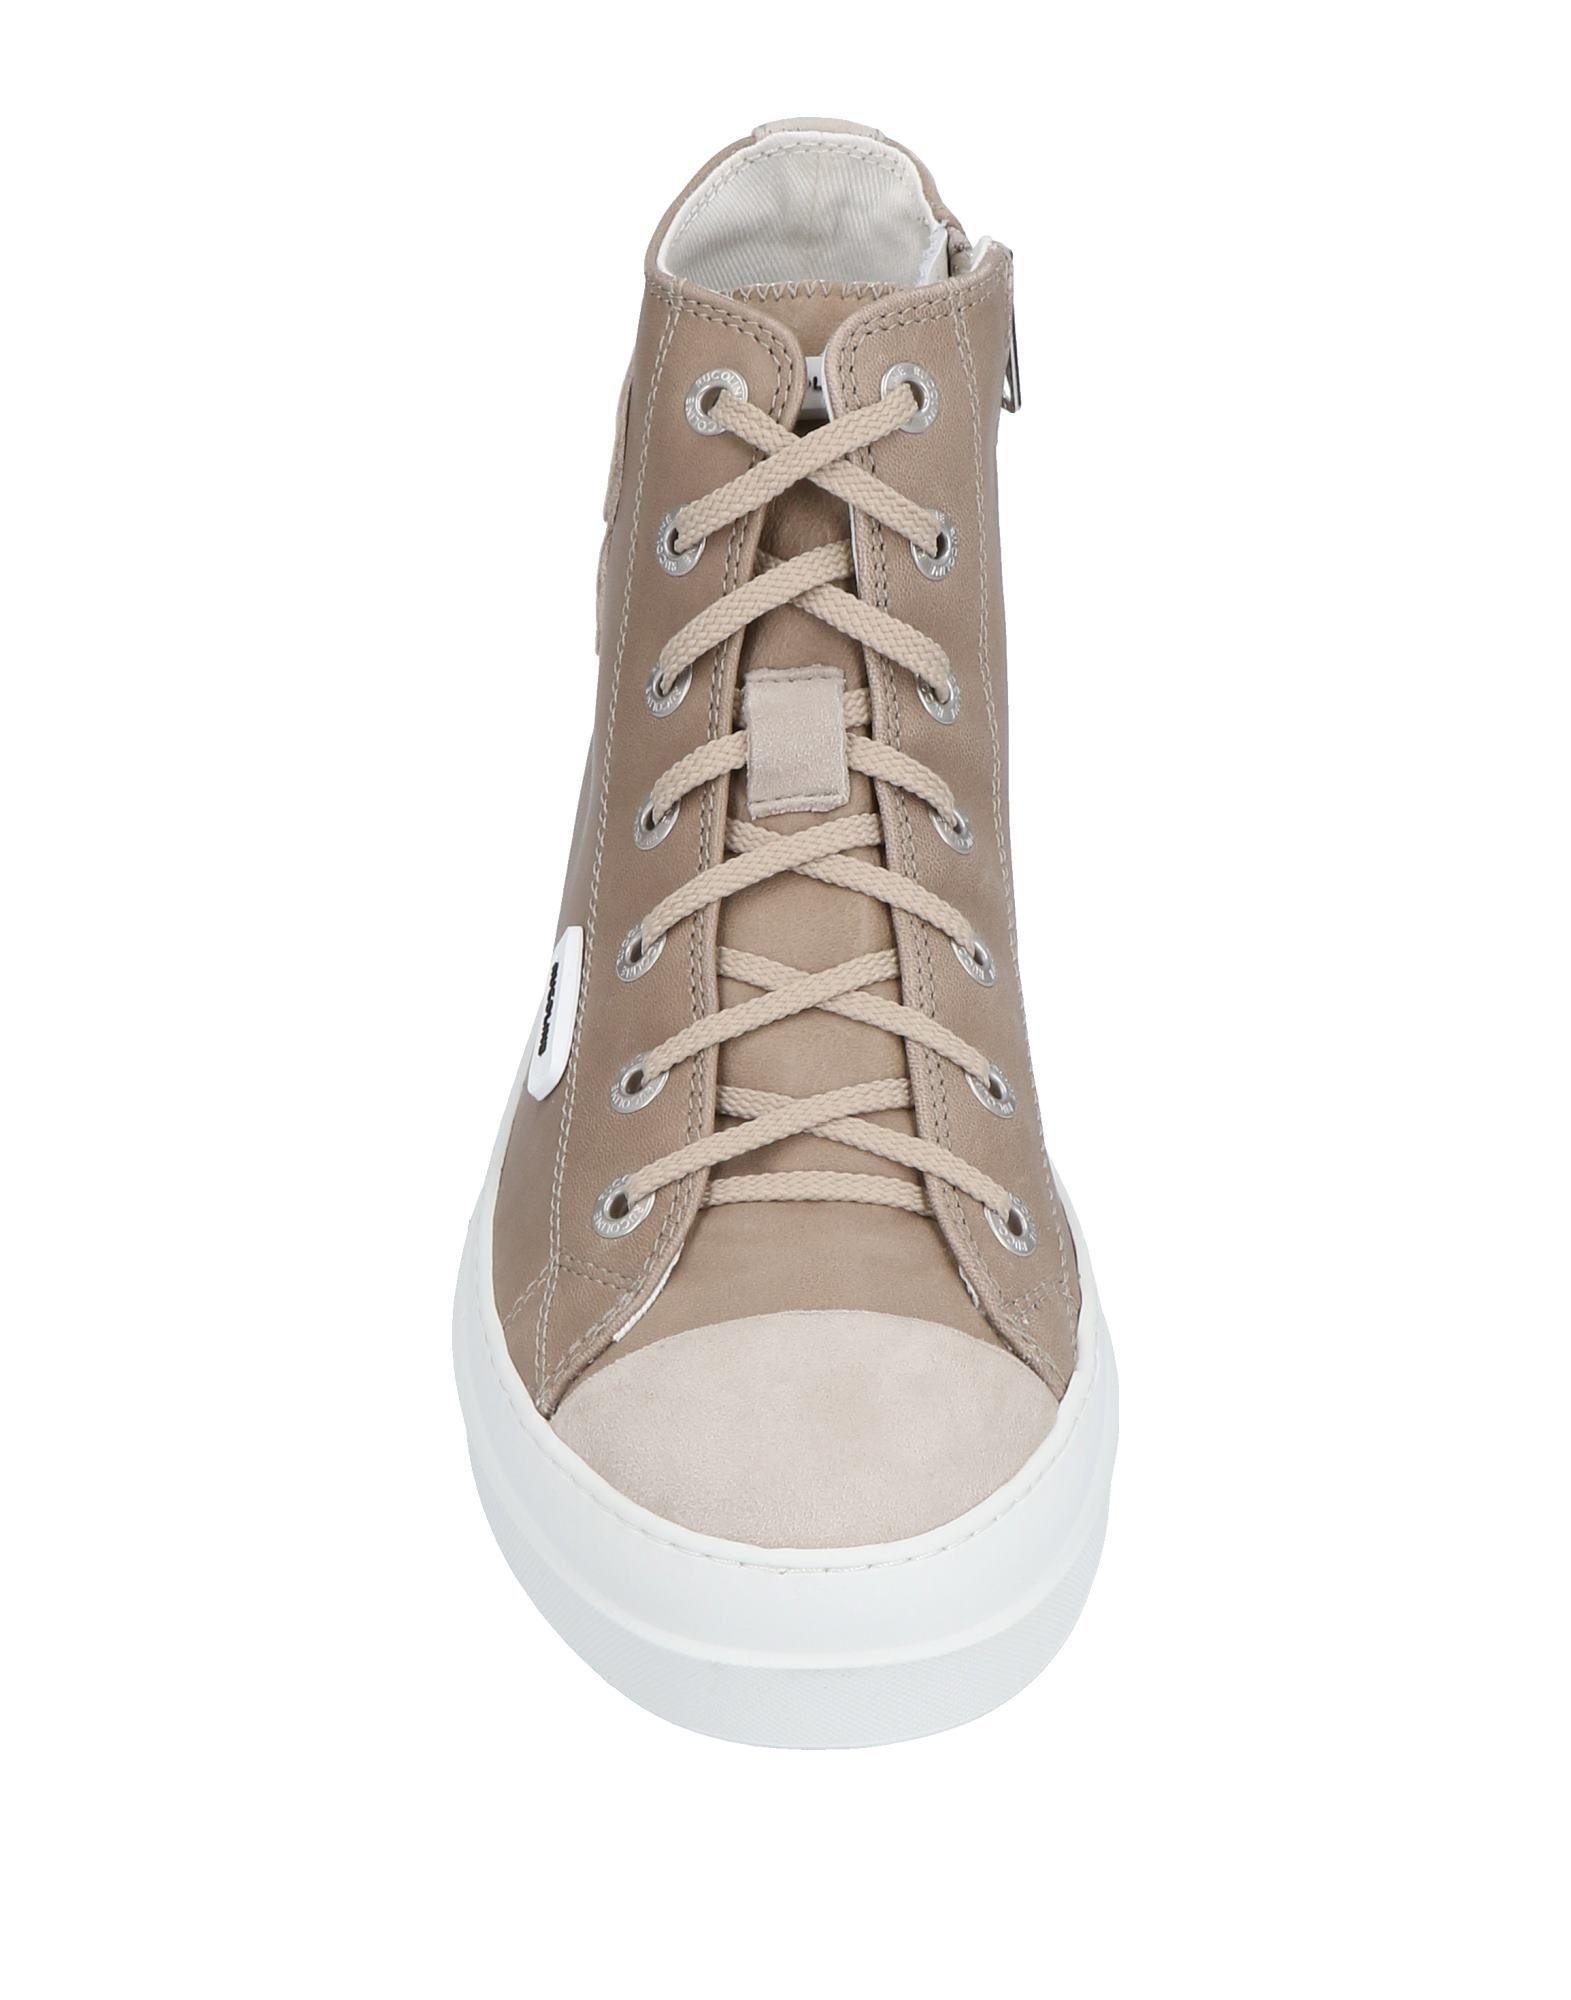 Ruco Line Sneakers Damen  11495833OC Gute Qualität beliebte Schuhe